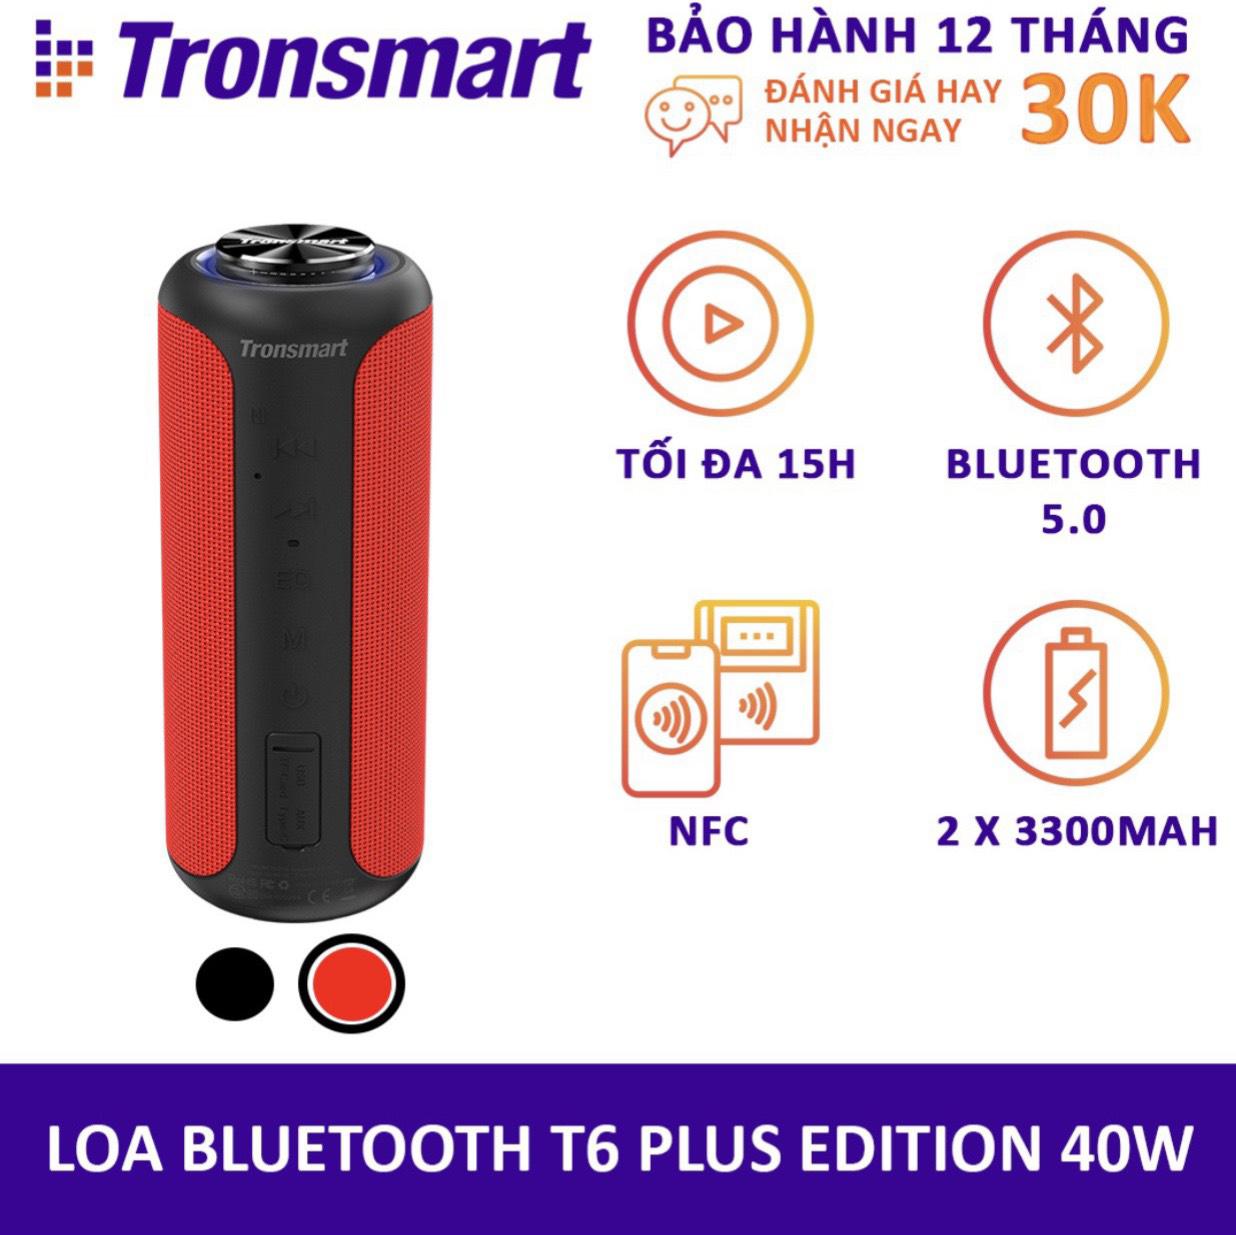 Loa Bluetooth 5.0 Tronsmart T6 Plus / T6 Plus Upgraded Công suất 40W Hỗ trợ TWS ghép đôi 2 loa Âm thanh vòm âm bass sâu và trầm với 3 chế độ EQ Chống nước IPX6 Thời gian nghe nhạc lên tới 24h - Hàng chính hãng bảo hành 12 tháng